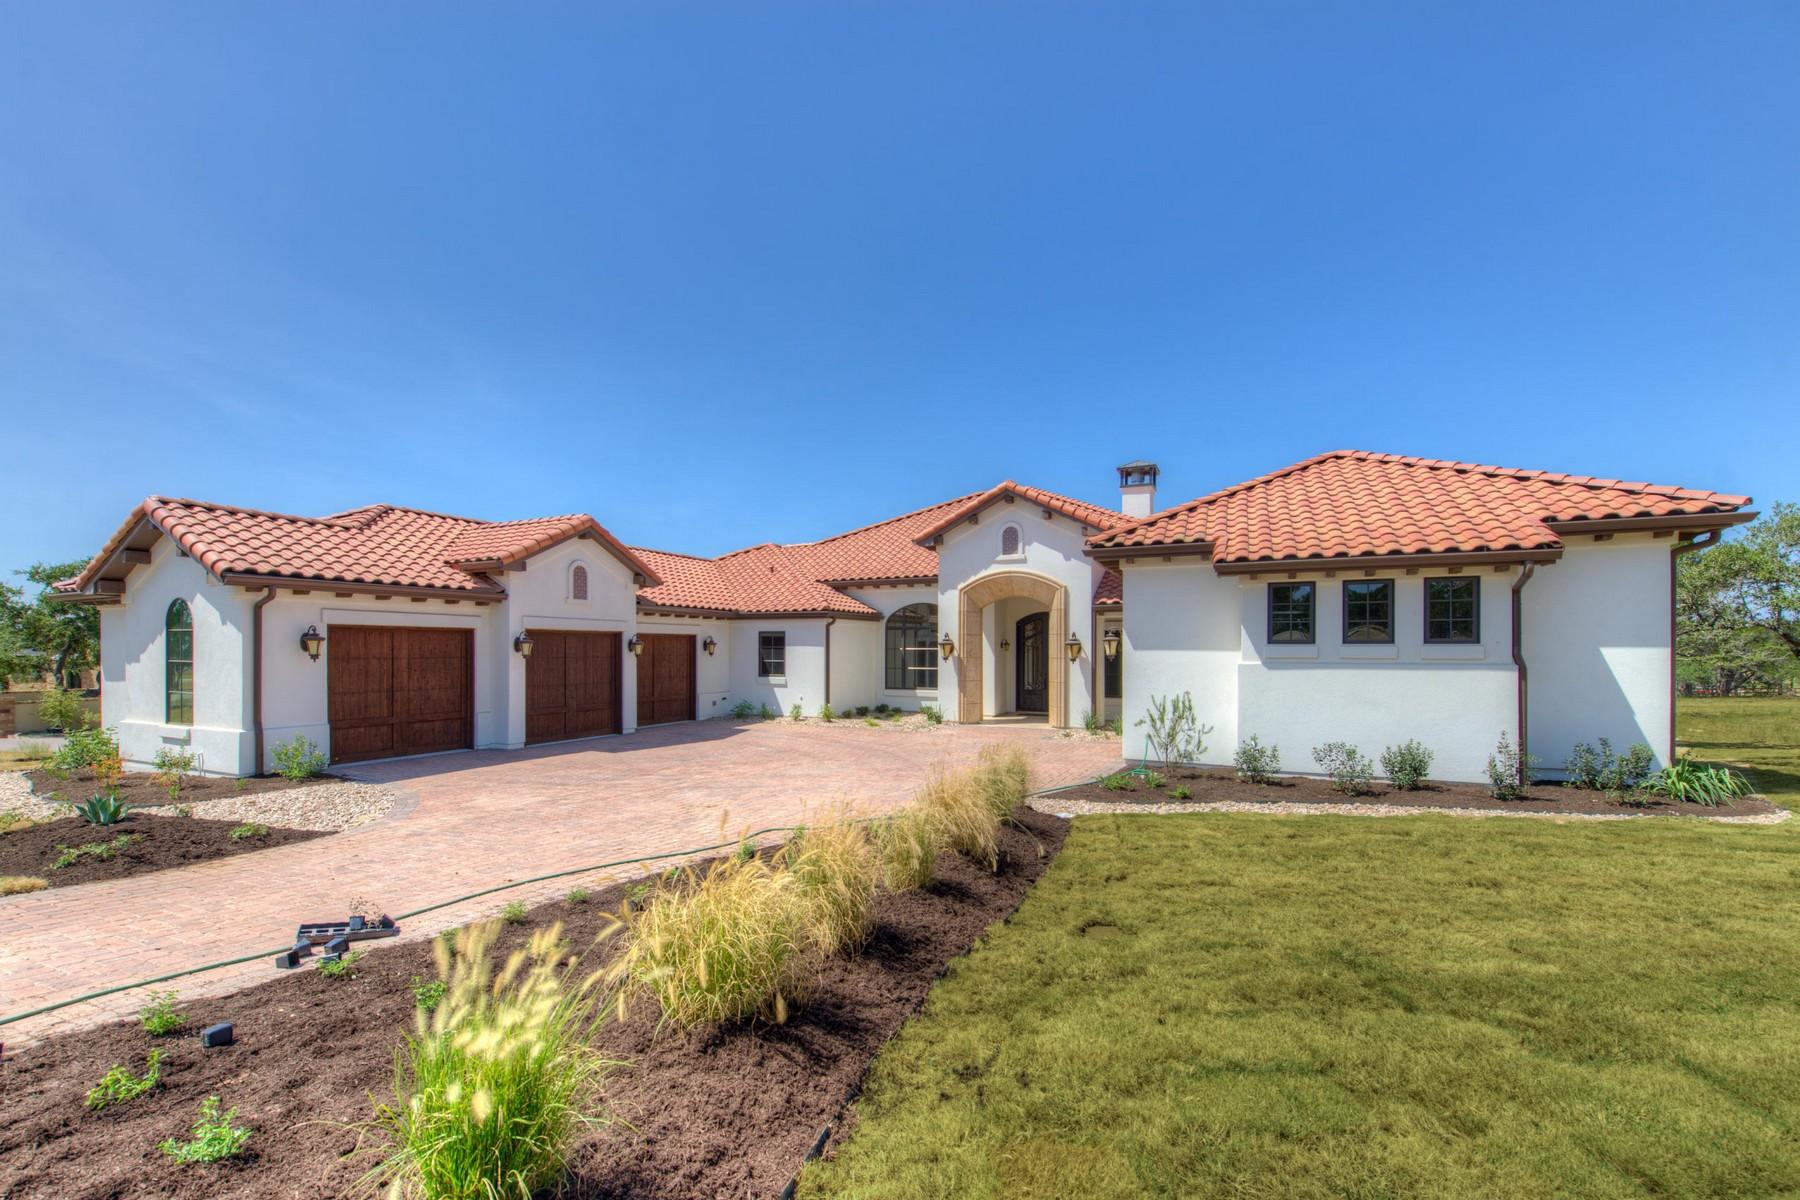 Nhà ở một gia đình vì Bán tại Belvedere One Story 8516 Bellancia Dr Austin, Texas 78738 Hoa Kỳ